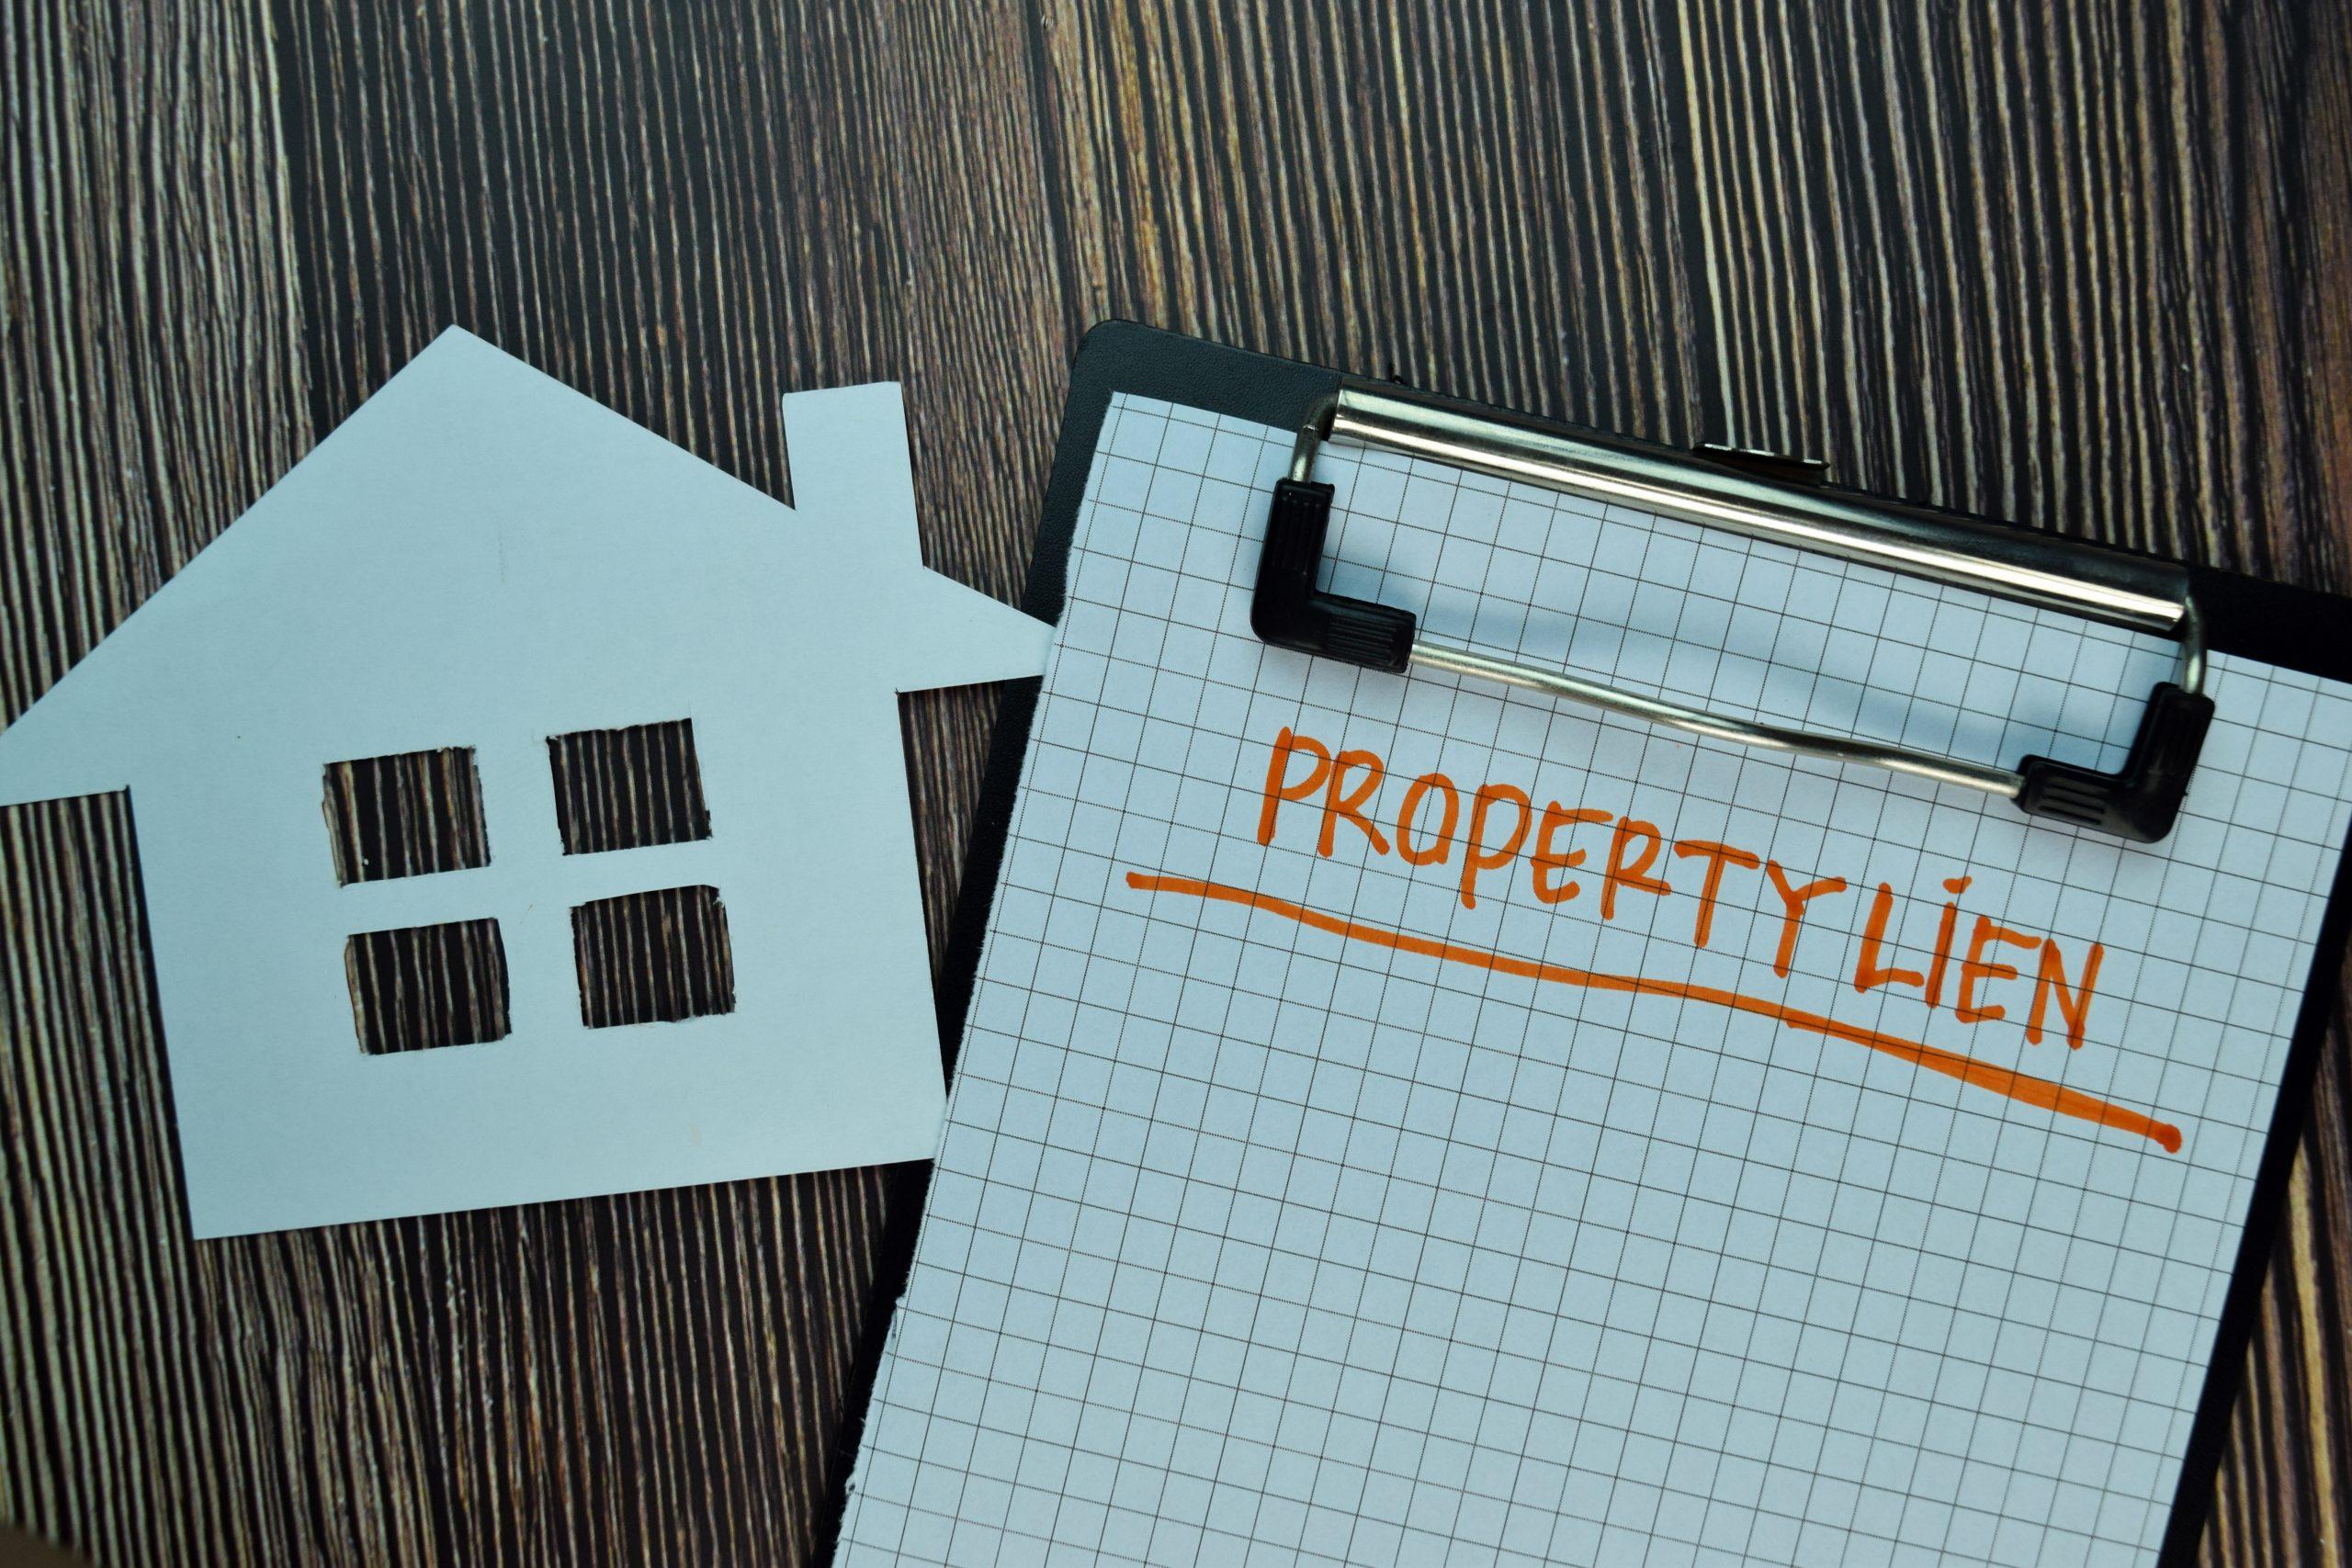 property lien written on clipboard